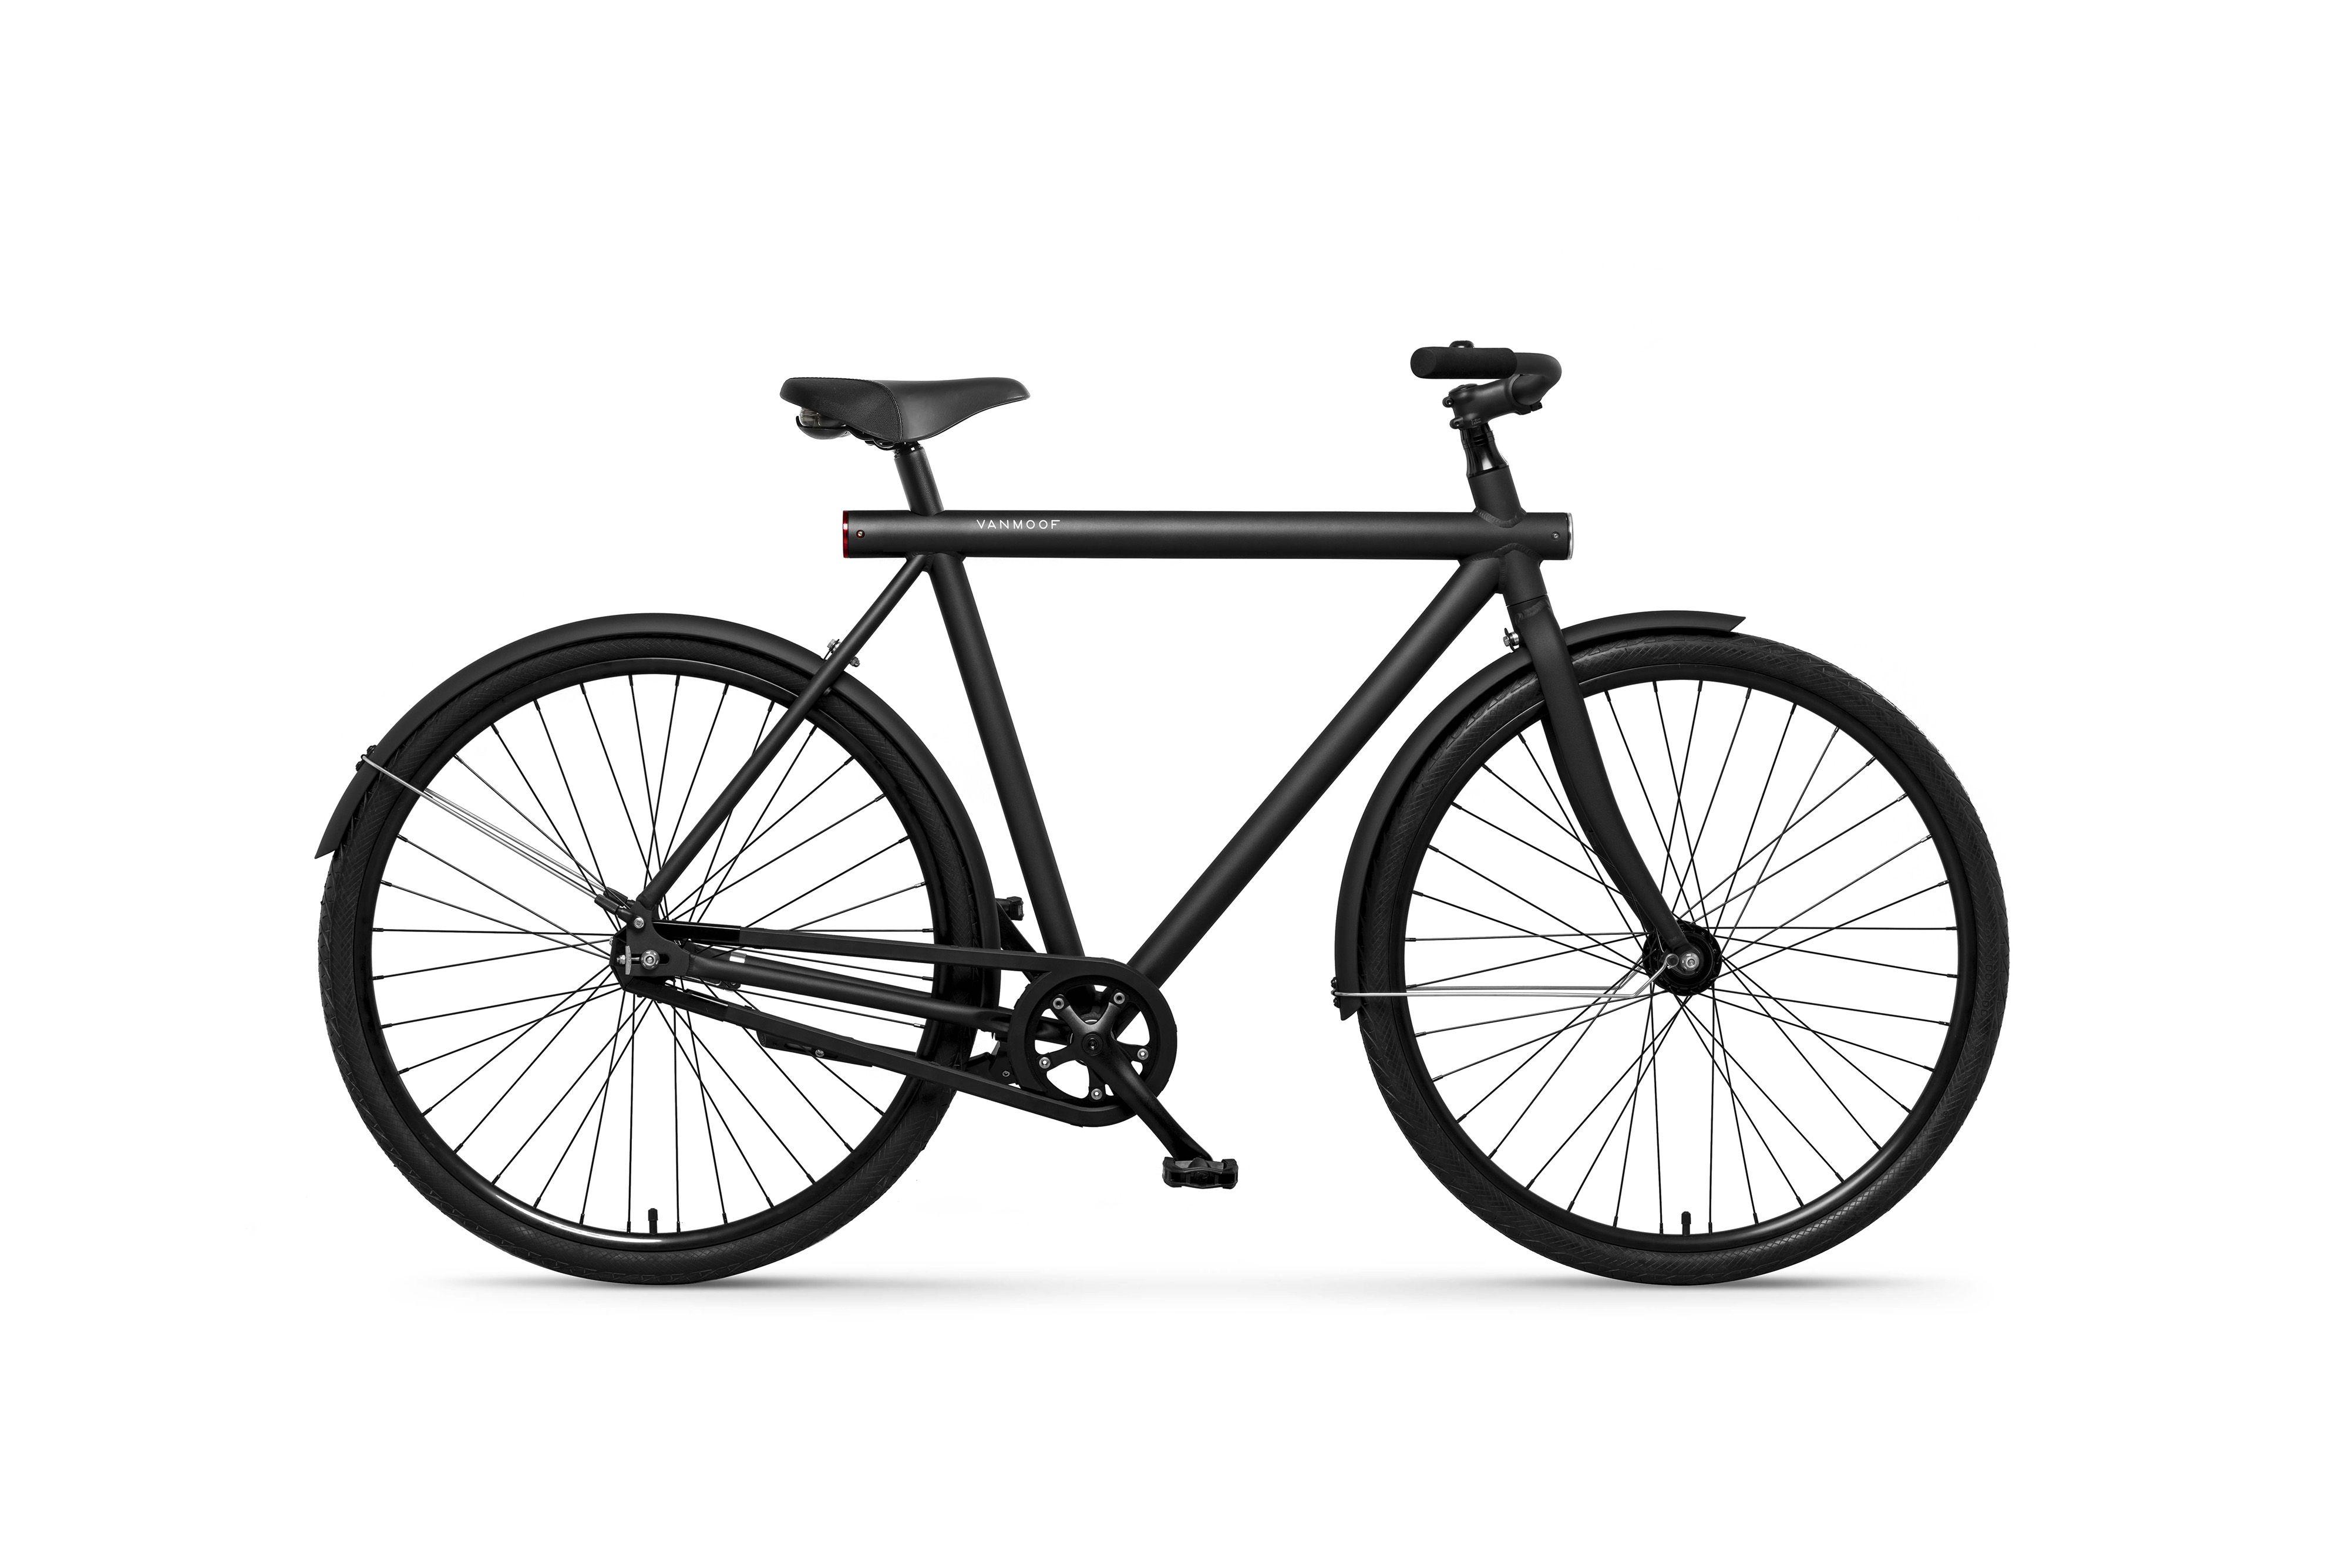 Pin By Vanmoof On Vanmoof Standard Straight 2017 Bike Bicycle